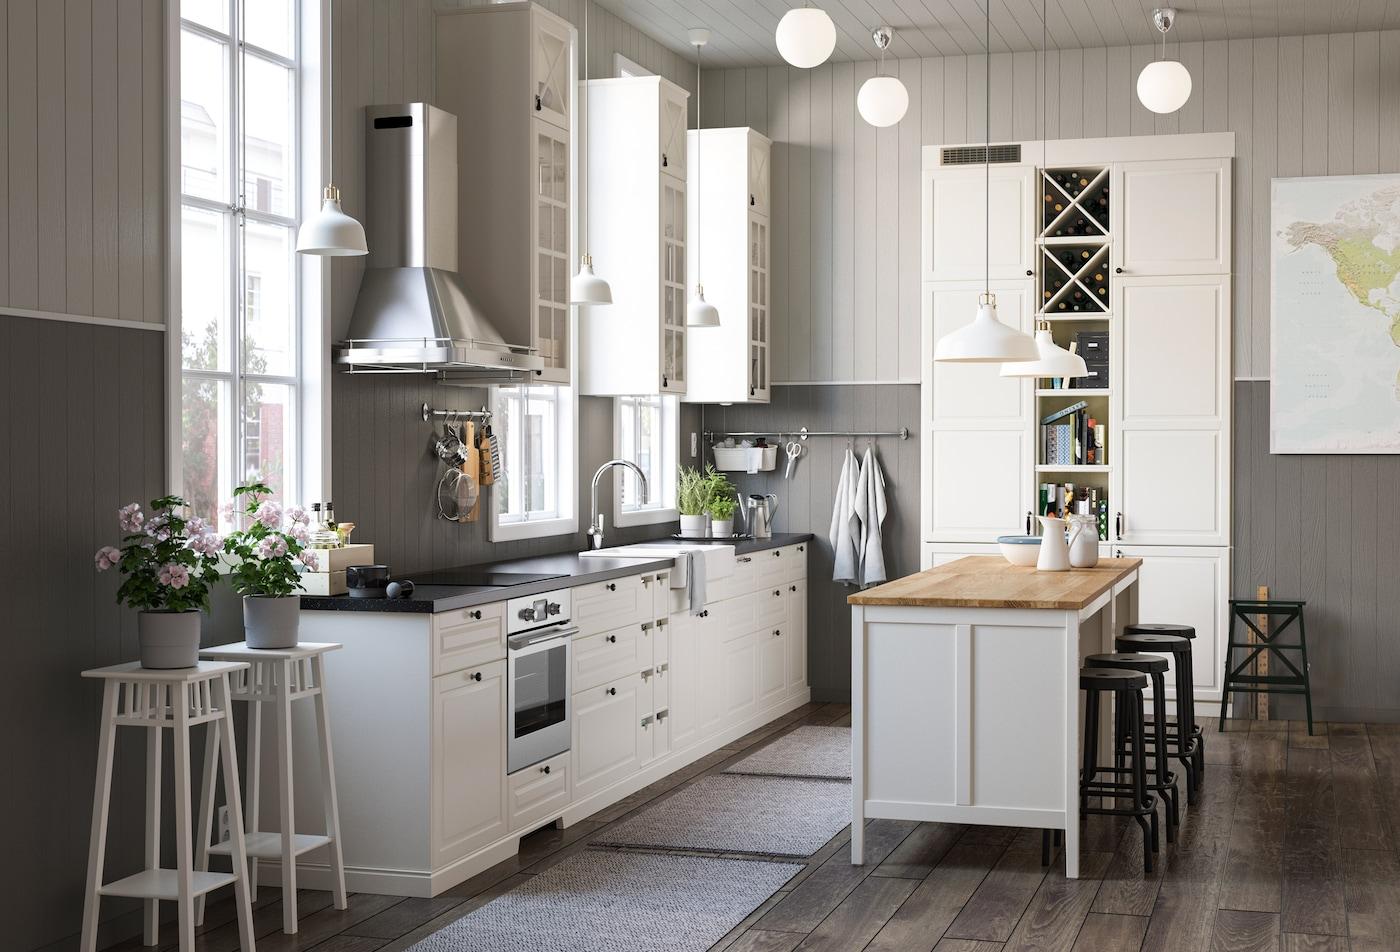 Et hjørne køkken med BODBYN råhvid døre og skuffefronter og vitrinedøre.